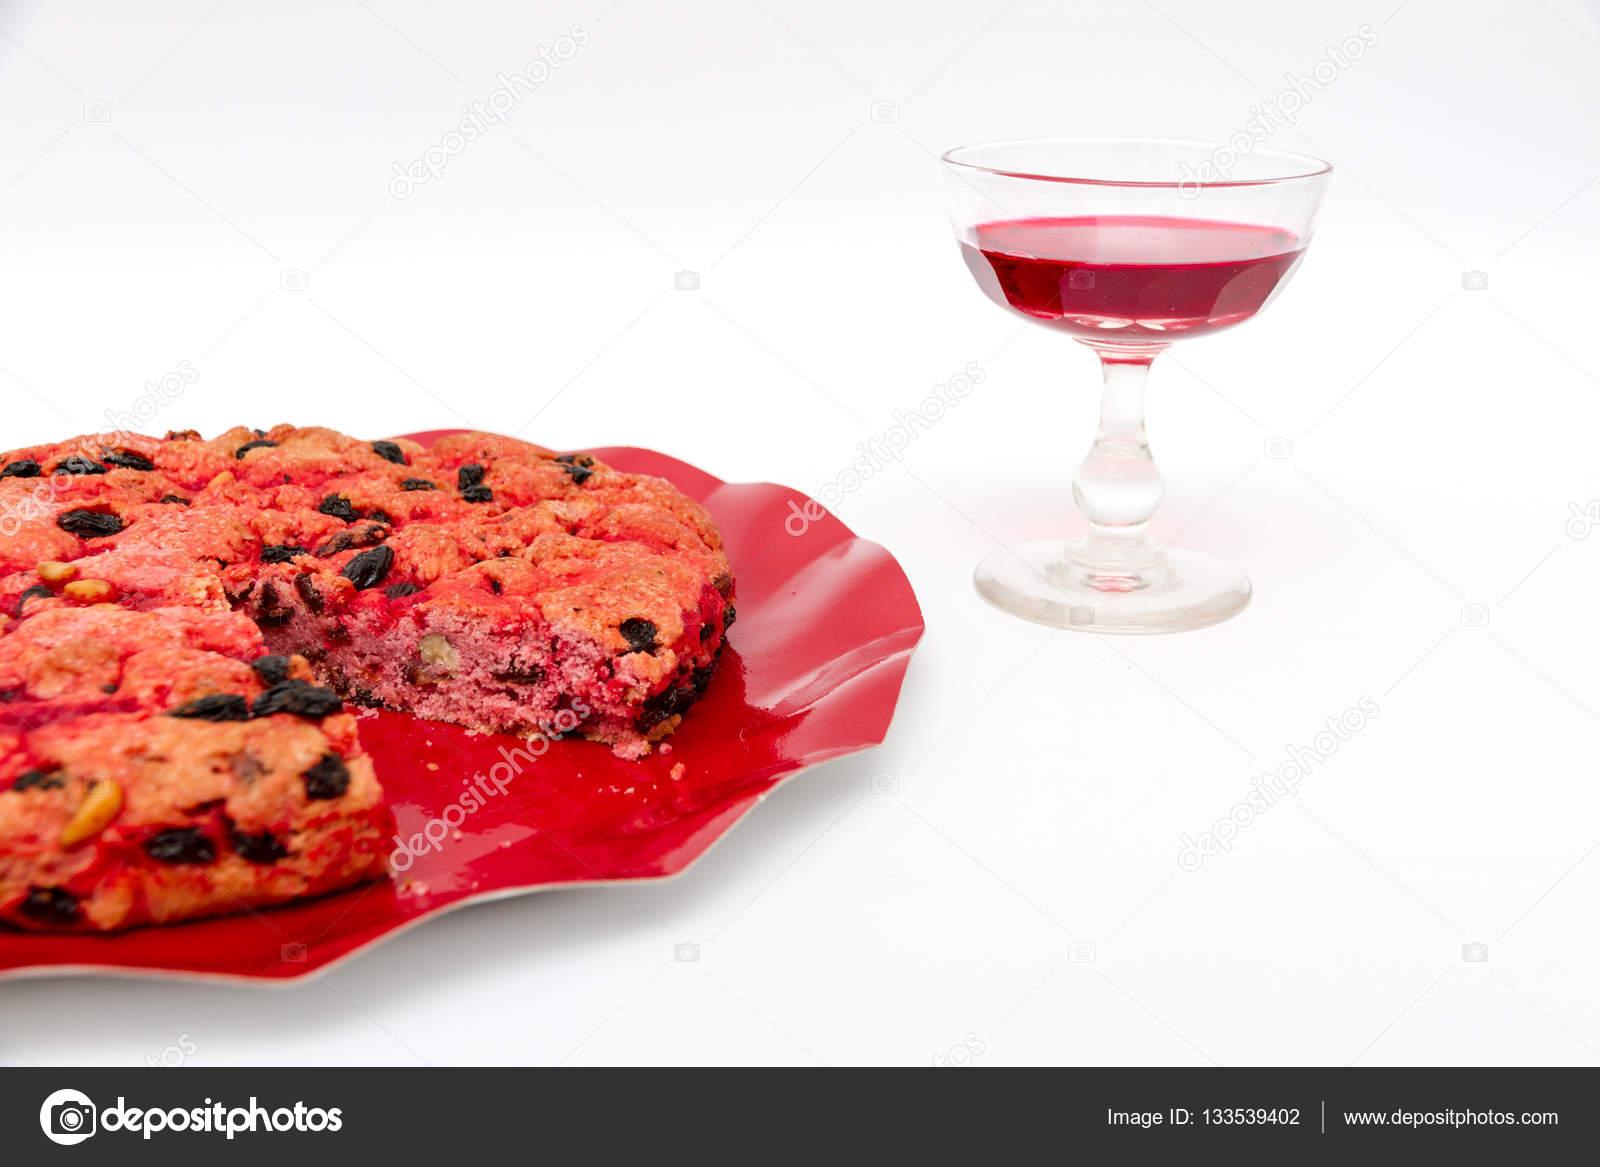 Betrunken Kuchen Ist Ein Dessert Aus Elba Insel U2014 Stockfoto